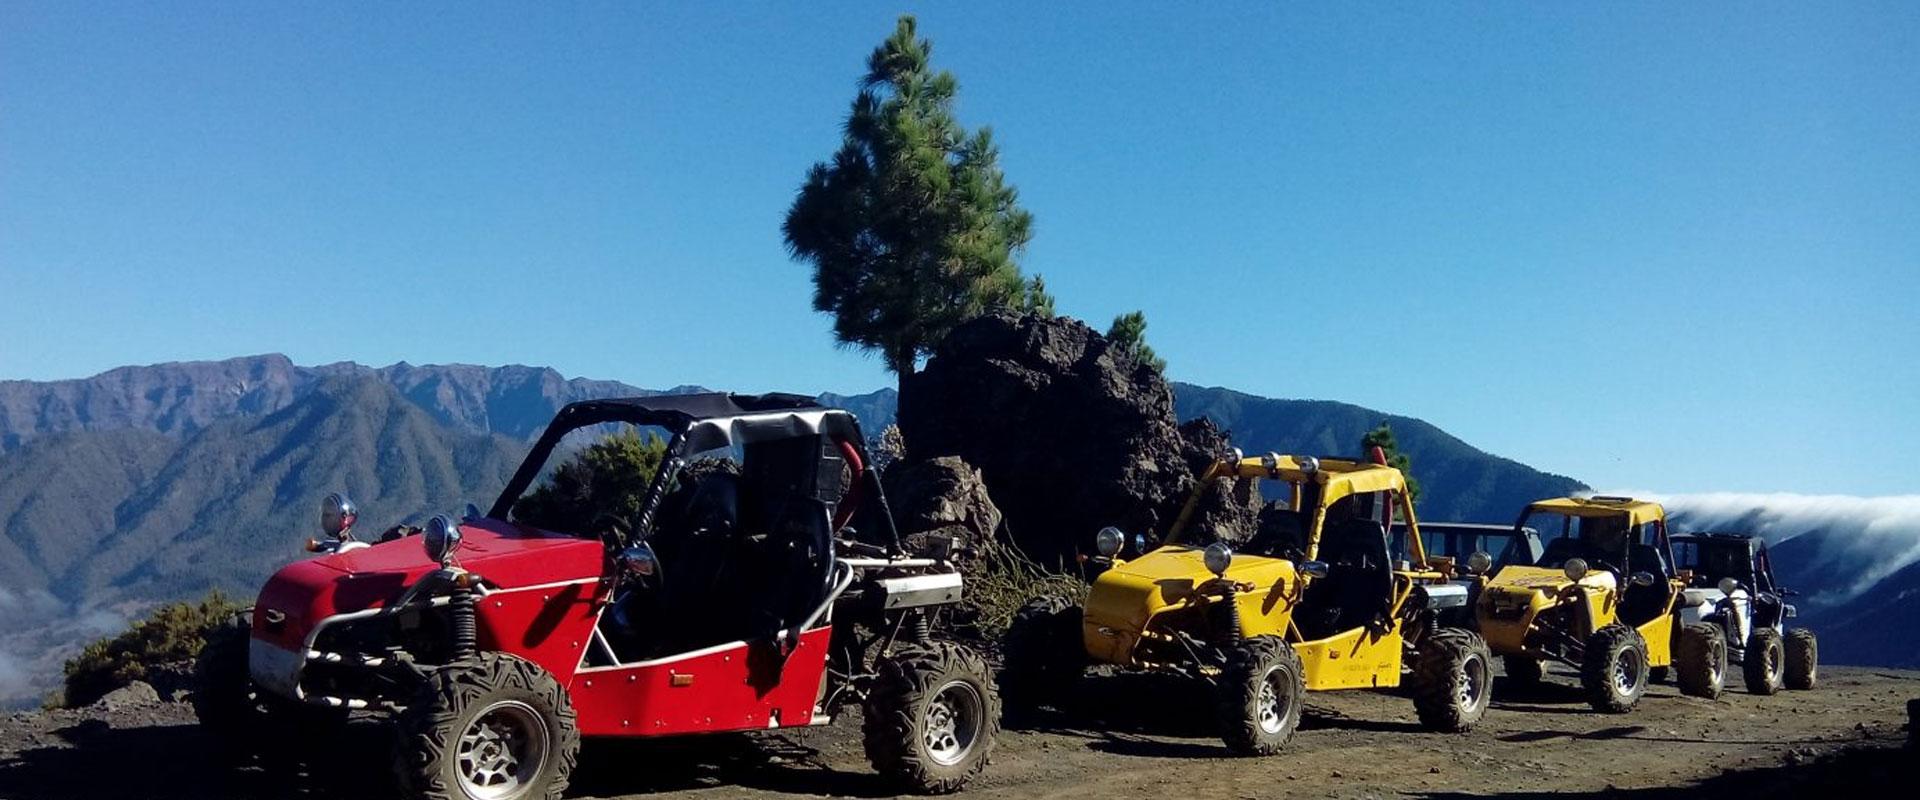 Ruta de Los Volcanes en Buggy (5 horas)